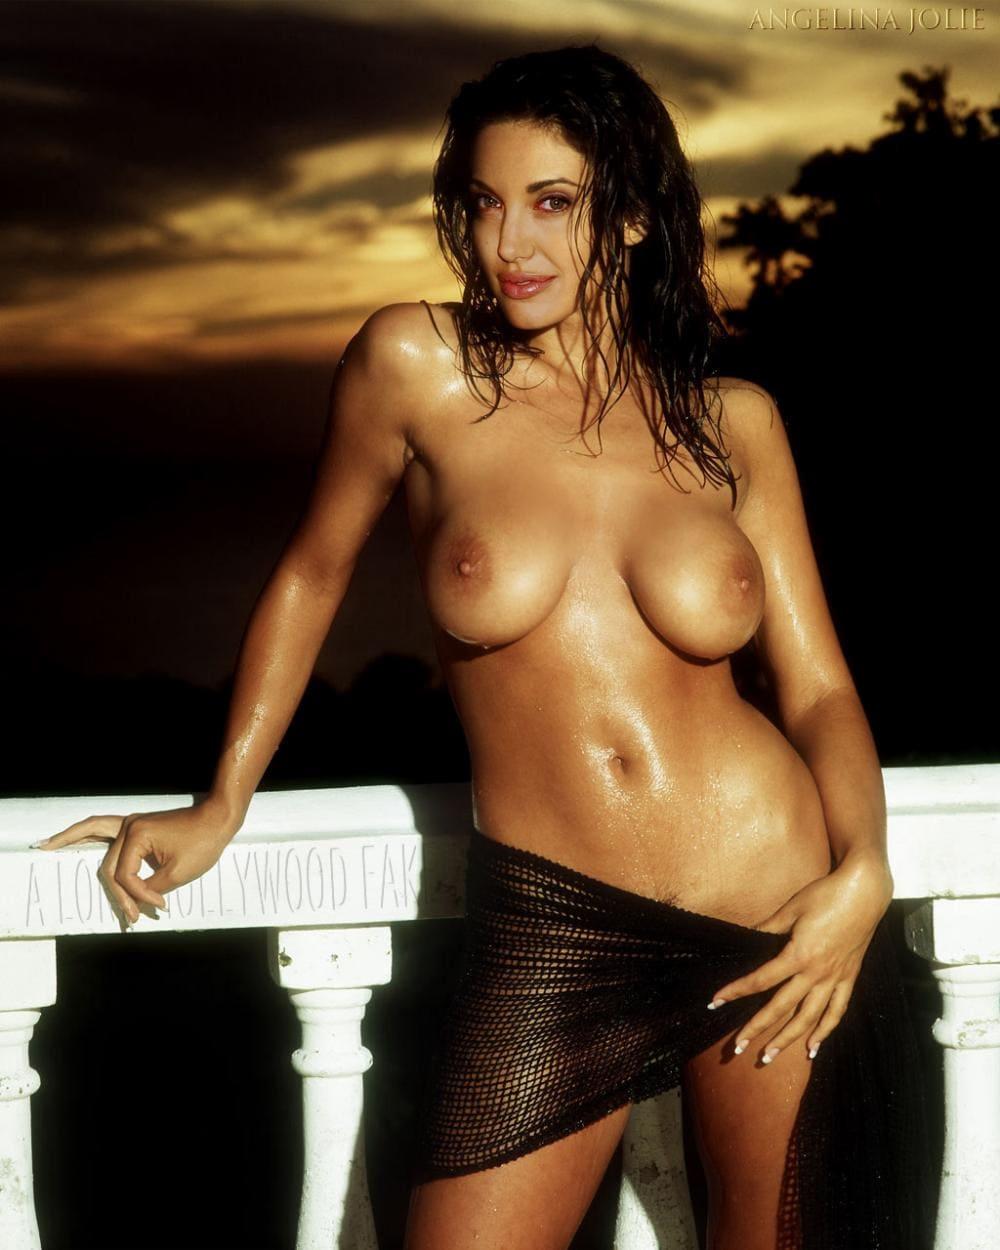 Голая Анджелина Джоли стоит возле перил, кожа блестит, волосы мокрые, бедра немного прикрыты кускам ткани